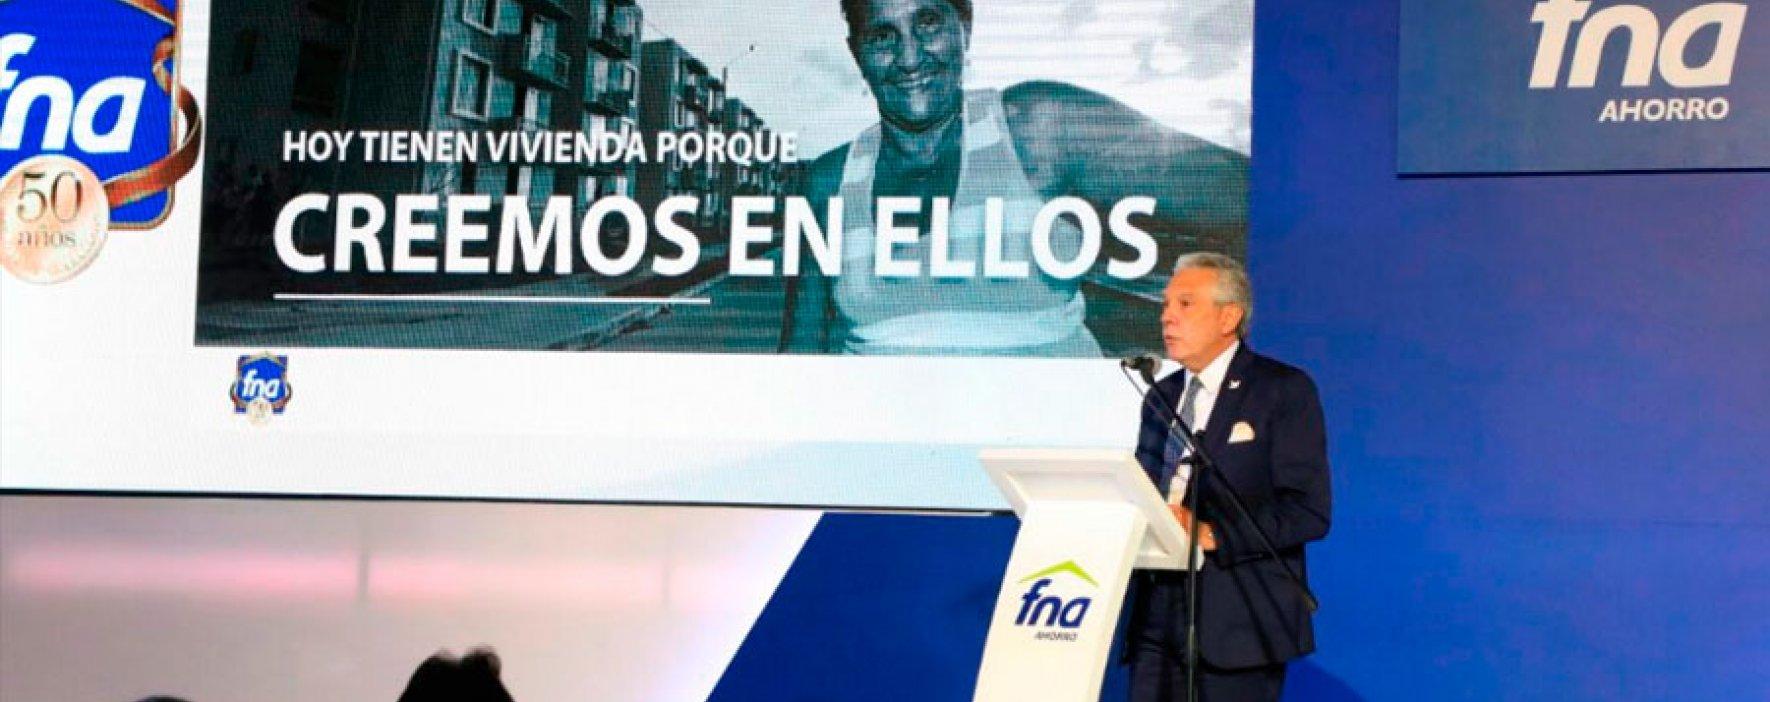 Cerca de 50 mil subsidios de vivienda para Colombia en 8 años de gestión